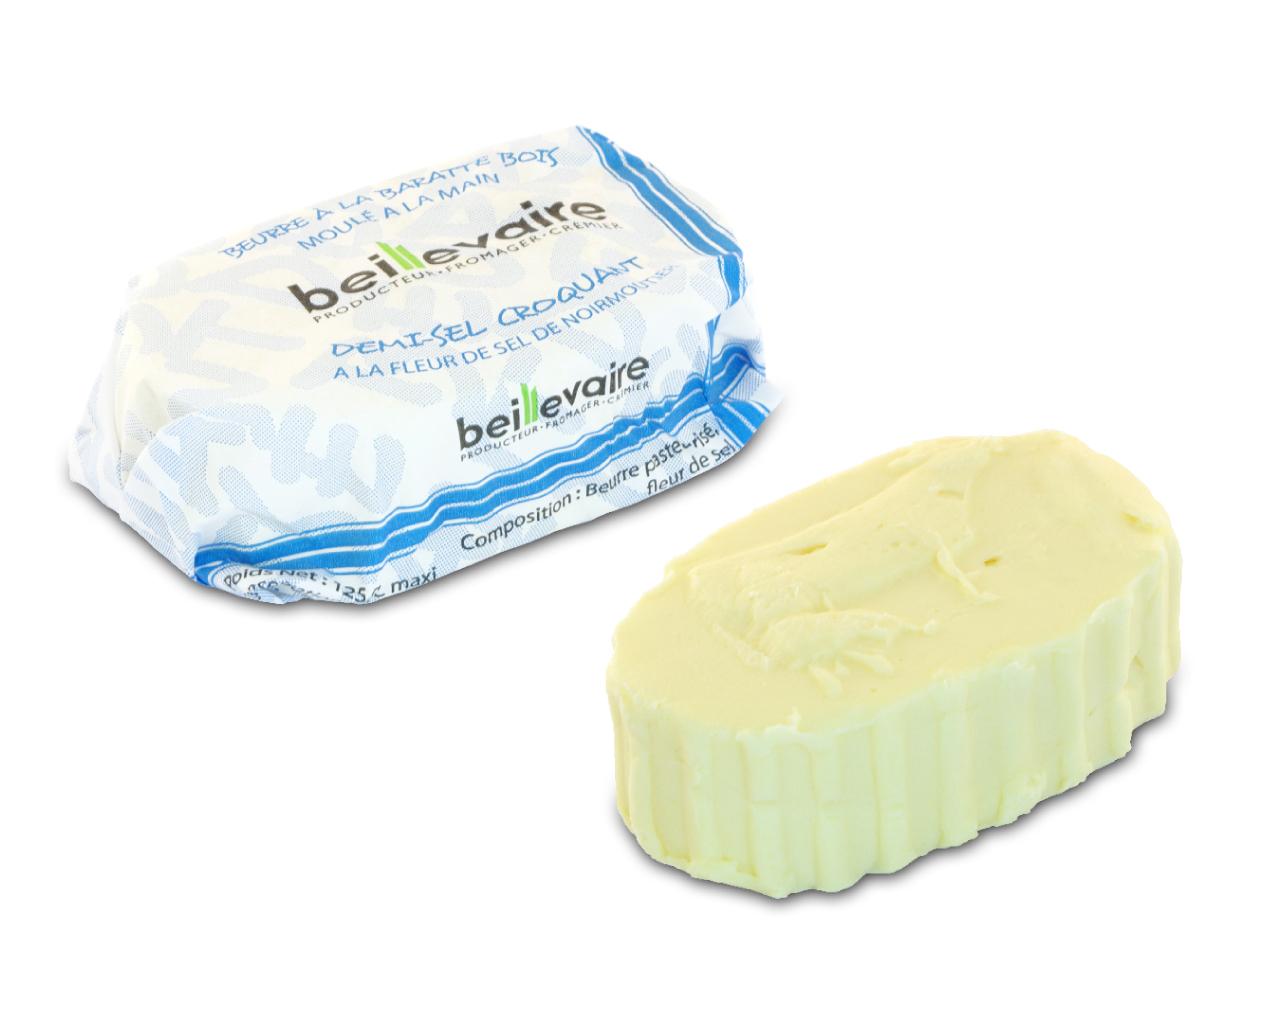 Beurre artisanal pasteurisé croquant, Beillevaire (125 g)